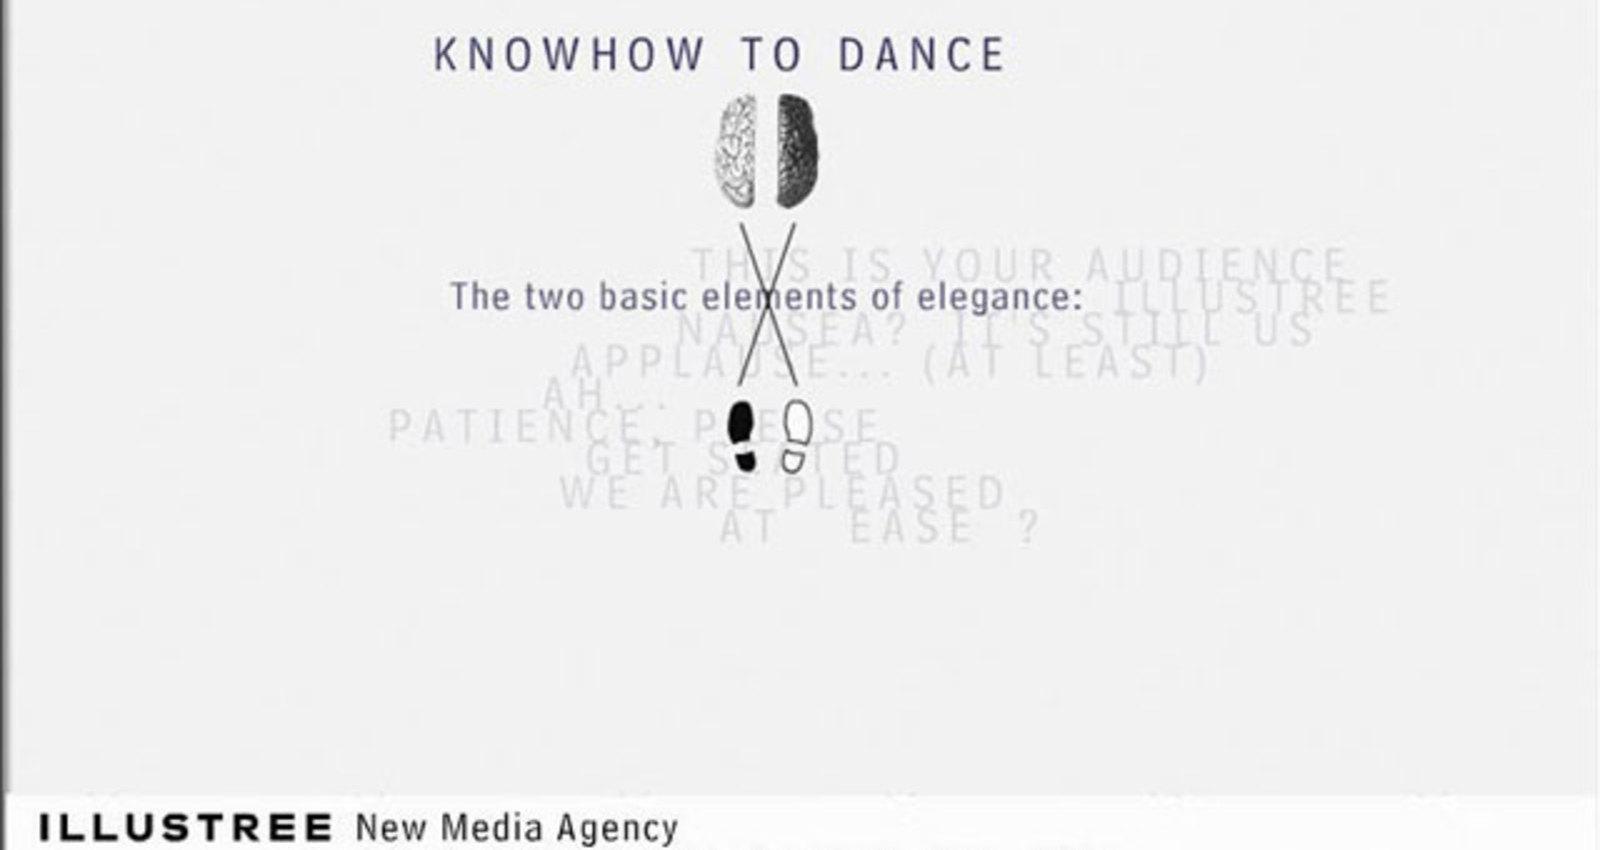 ILLUSTREE New Media Agency